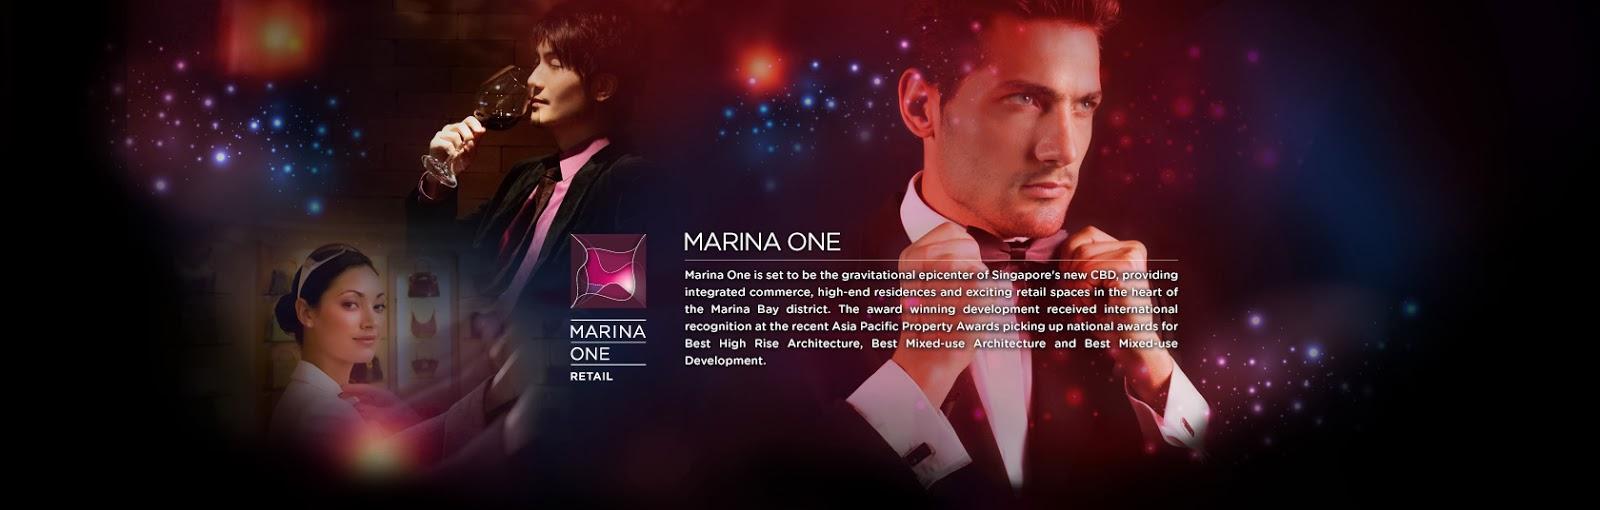 marina one retail the heart